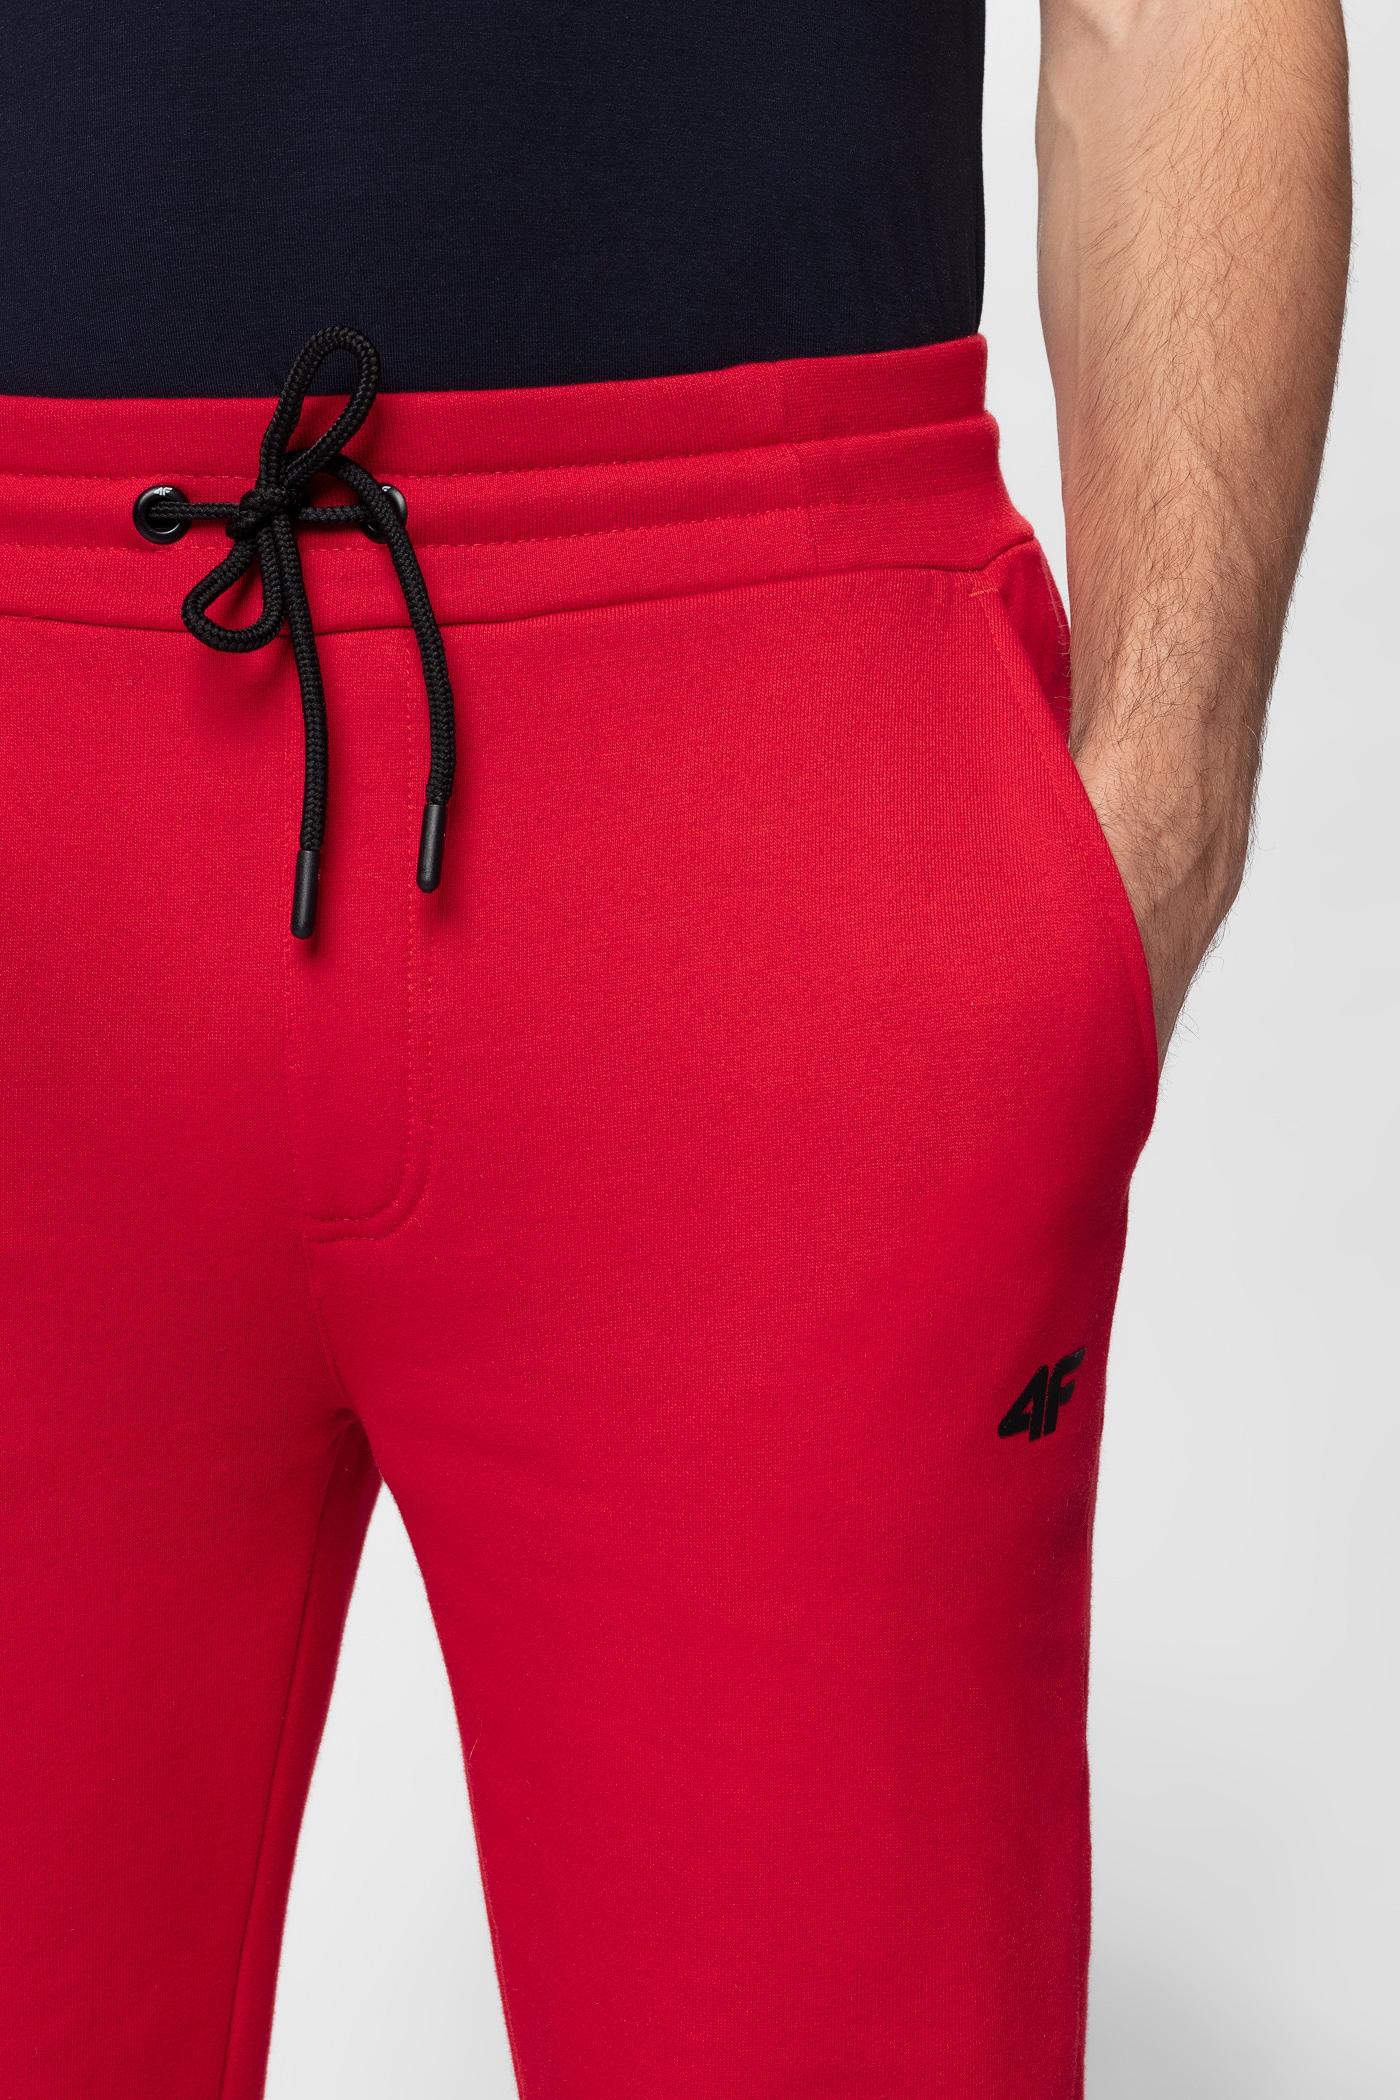 Spodnie dresowe męskie SPMD301 - czerwony